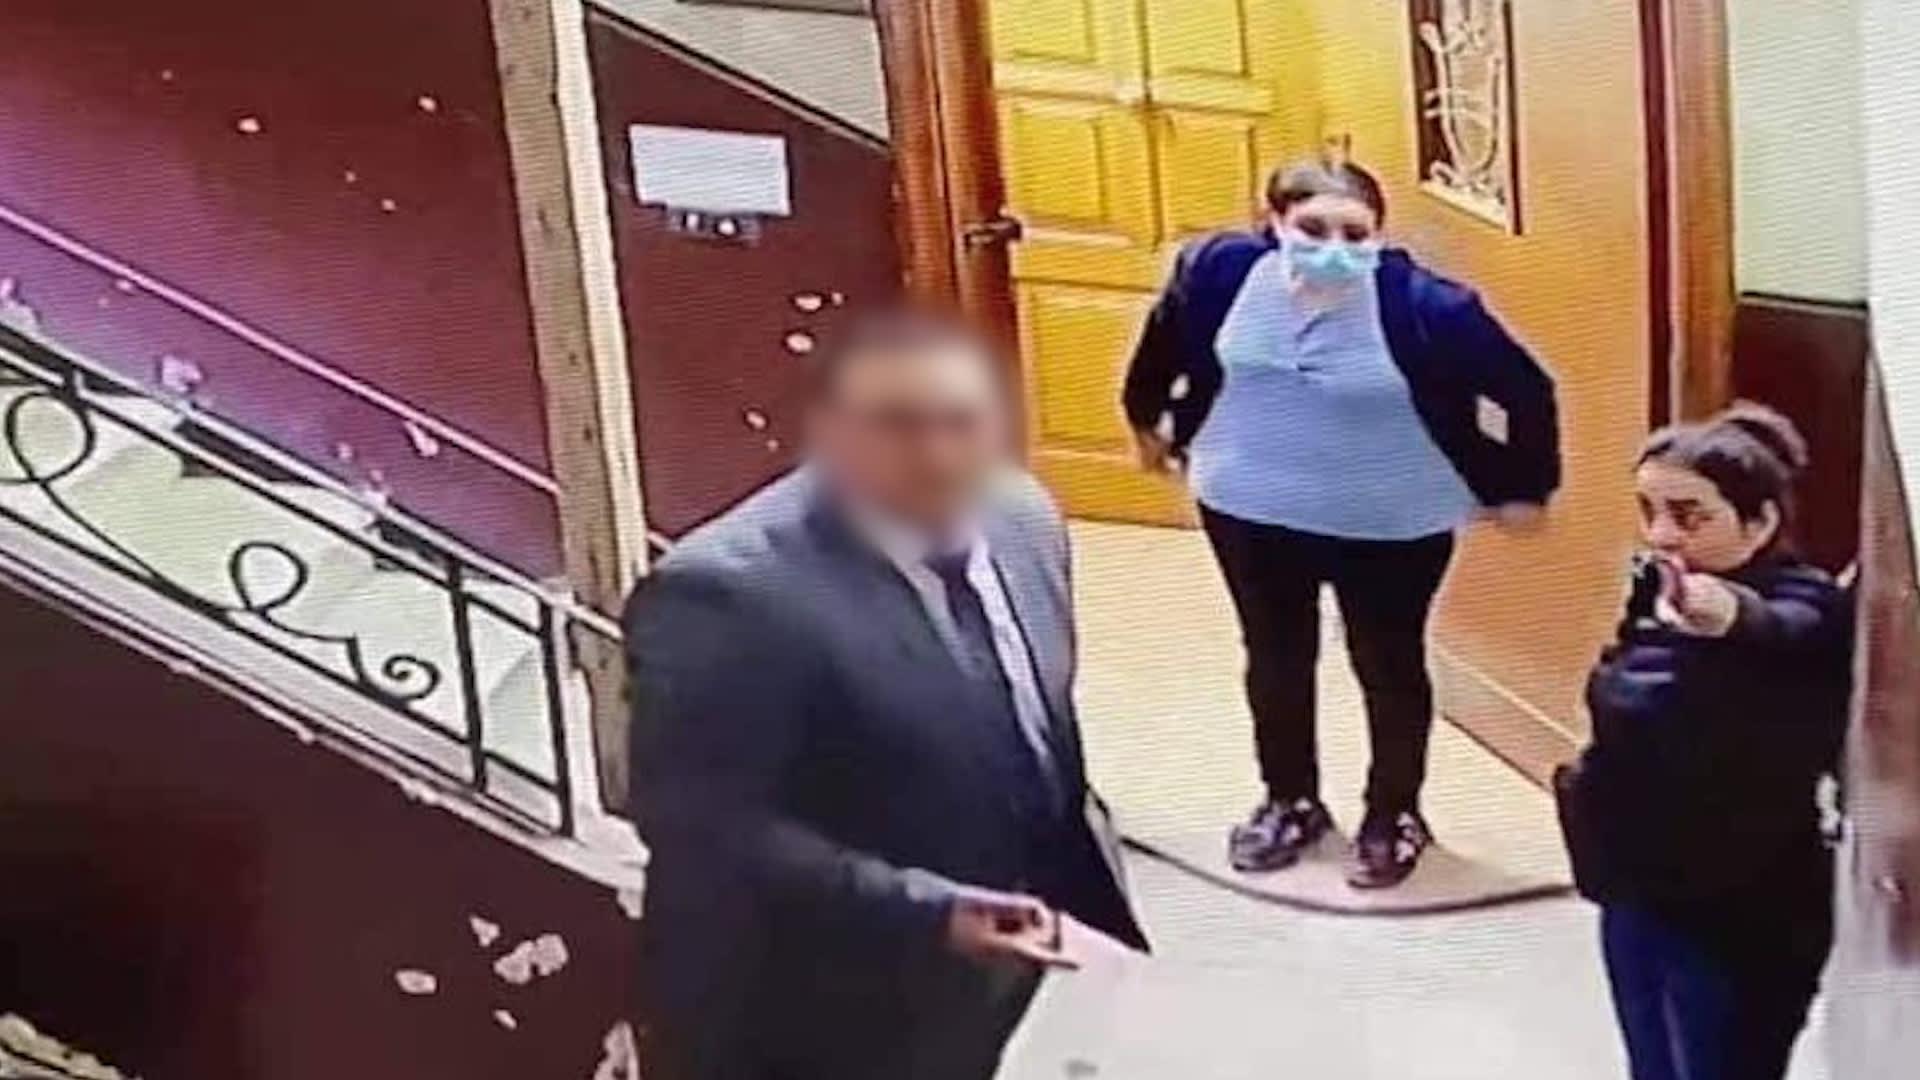 """""""قلت له الكاميرا صورتك"""".. بطلة فيديو متحرش المعادي بطفلة في مصر تروي تفاصيل ما حدث"""